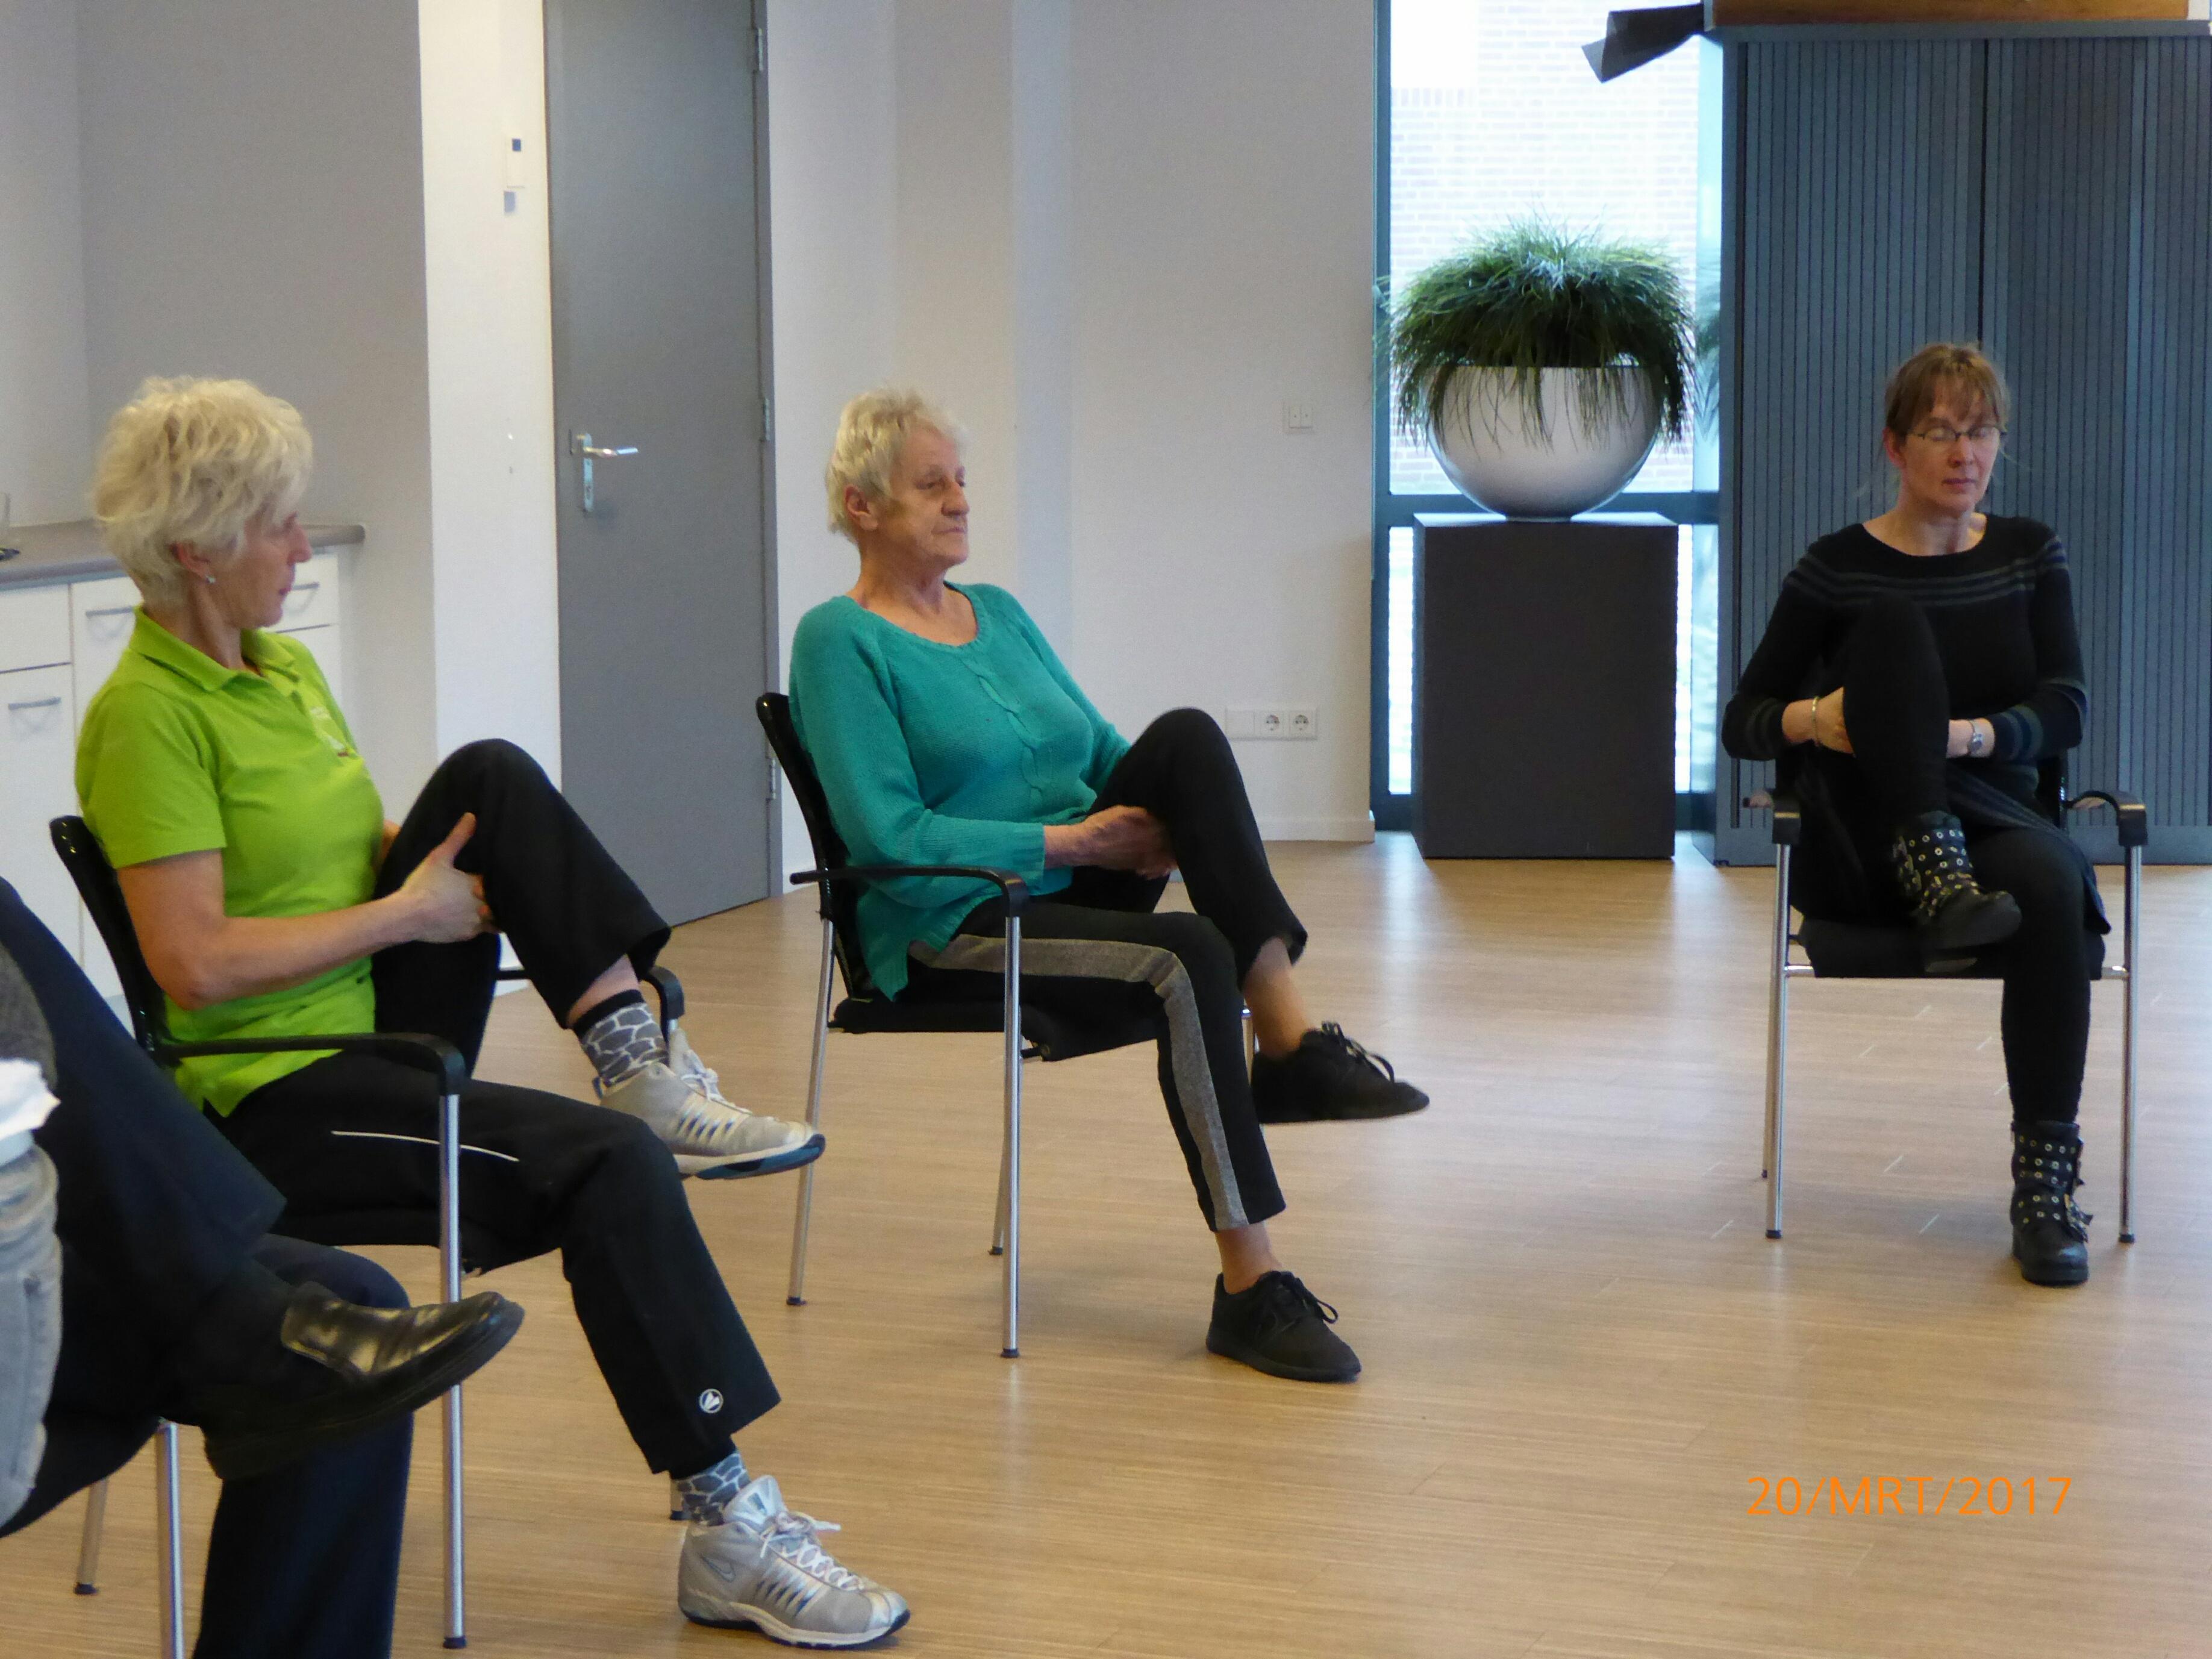 De groep doet oefeningen zittend op een stoel